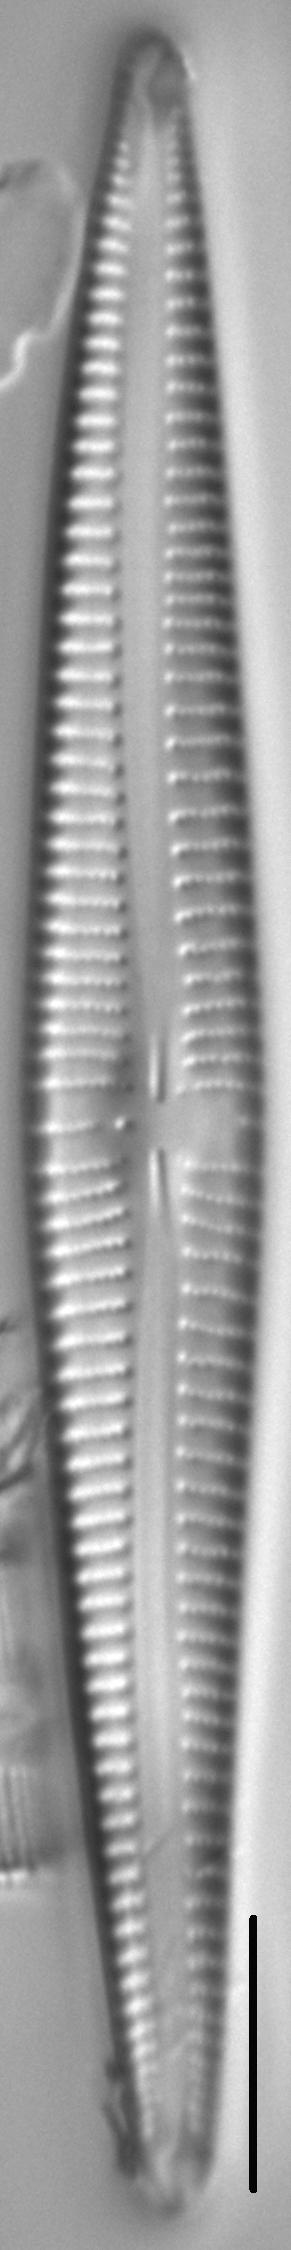 Kurtkrammeria Coxiae 459301 3